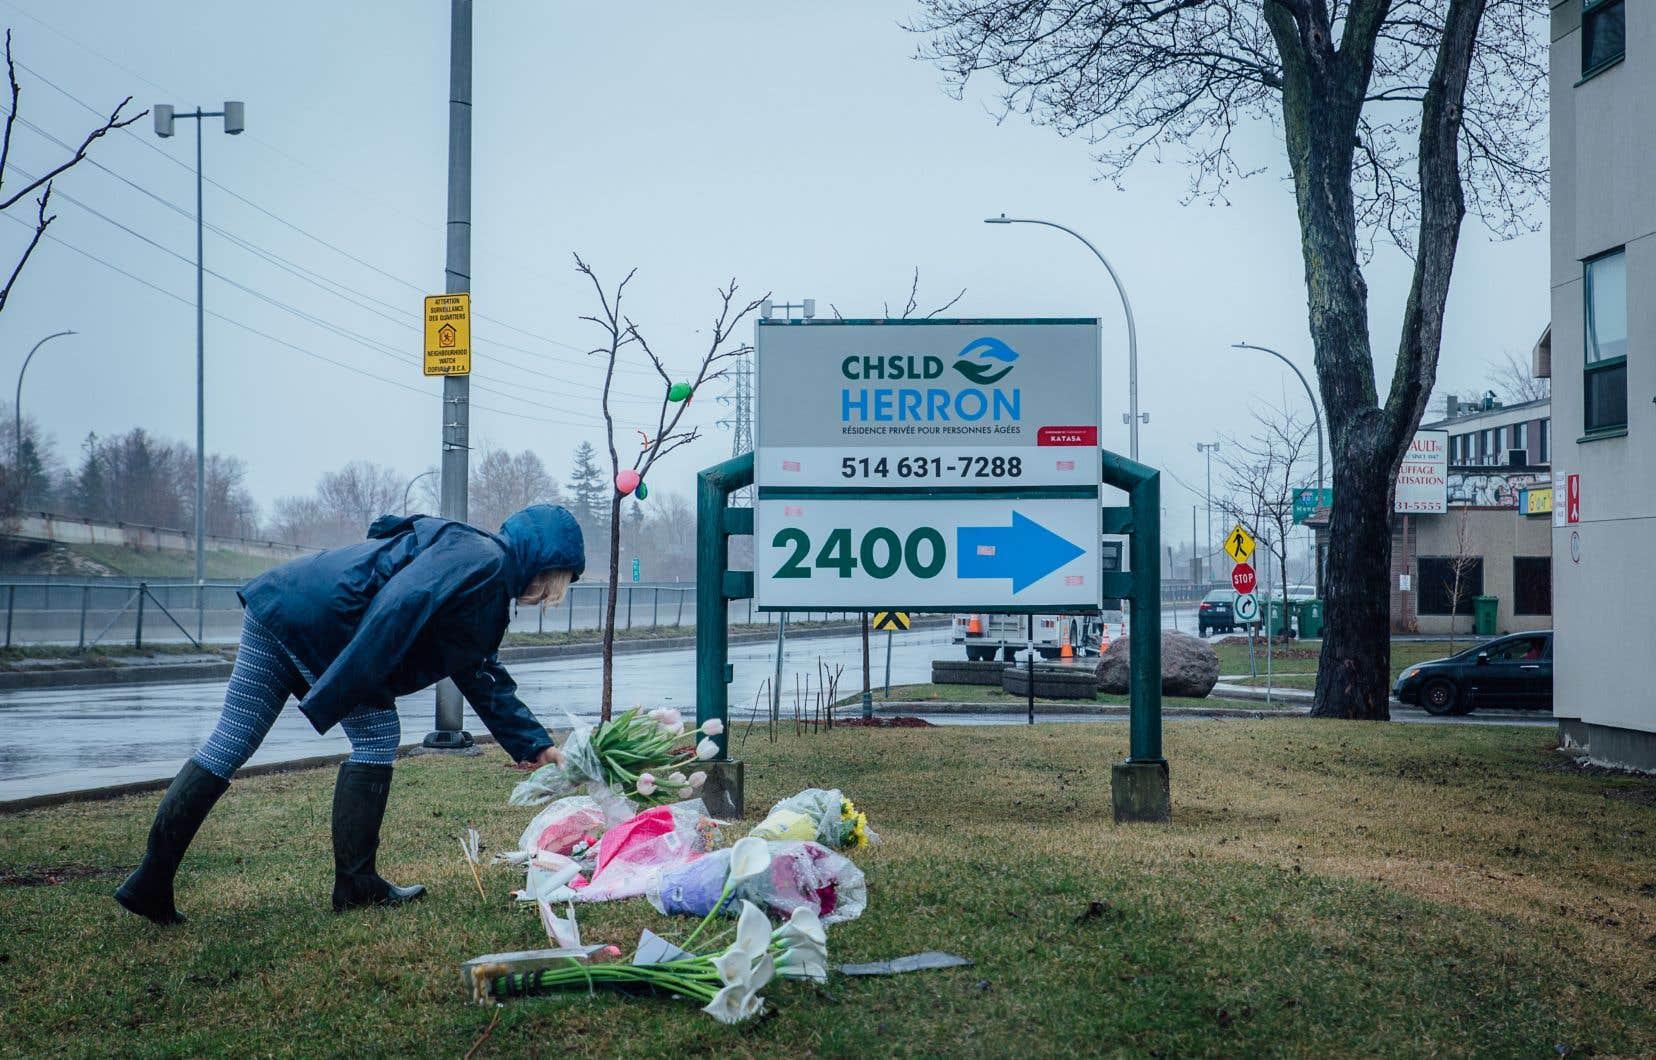 Daphnee Phillips, une résidente du voisinage, a déposé lundi un bouquet de fleurs devant le CHSLD Herron, à Dorval.